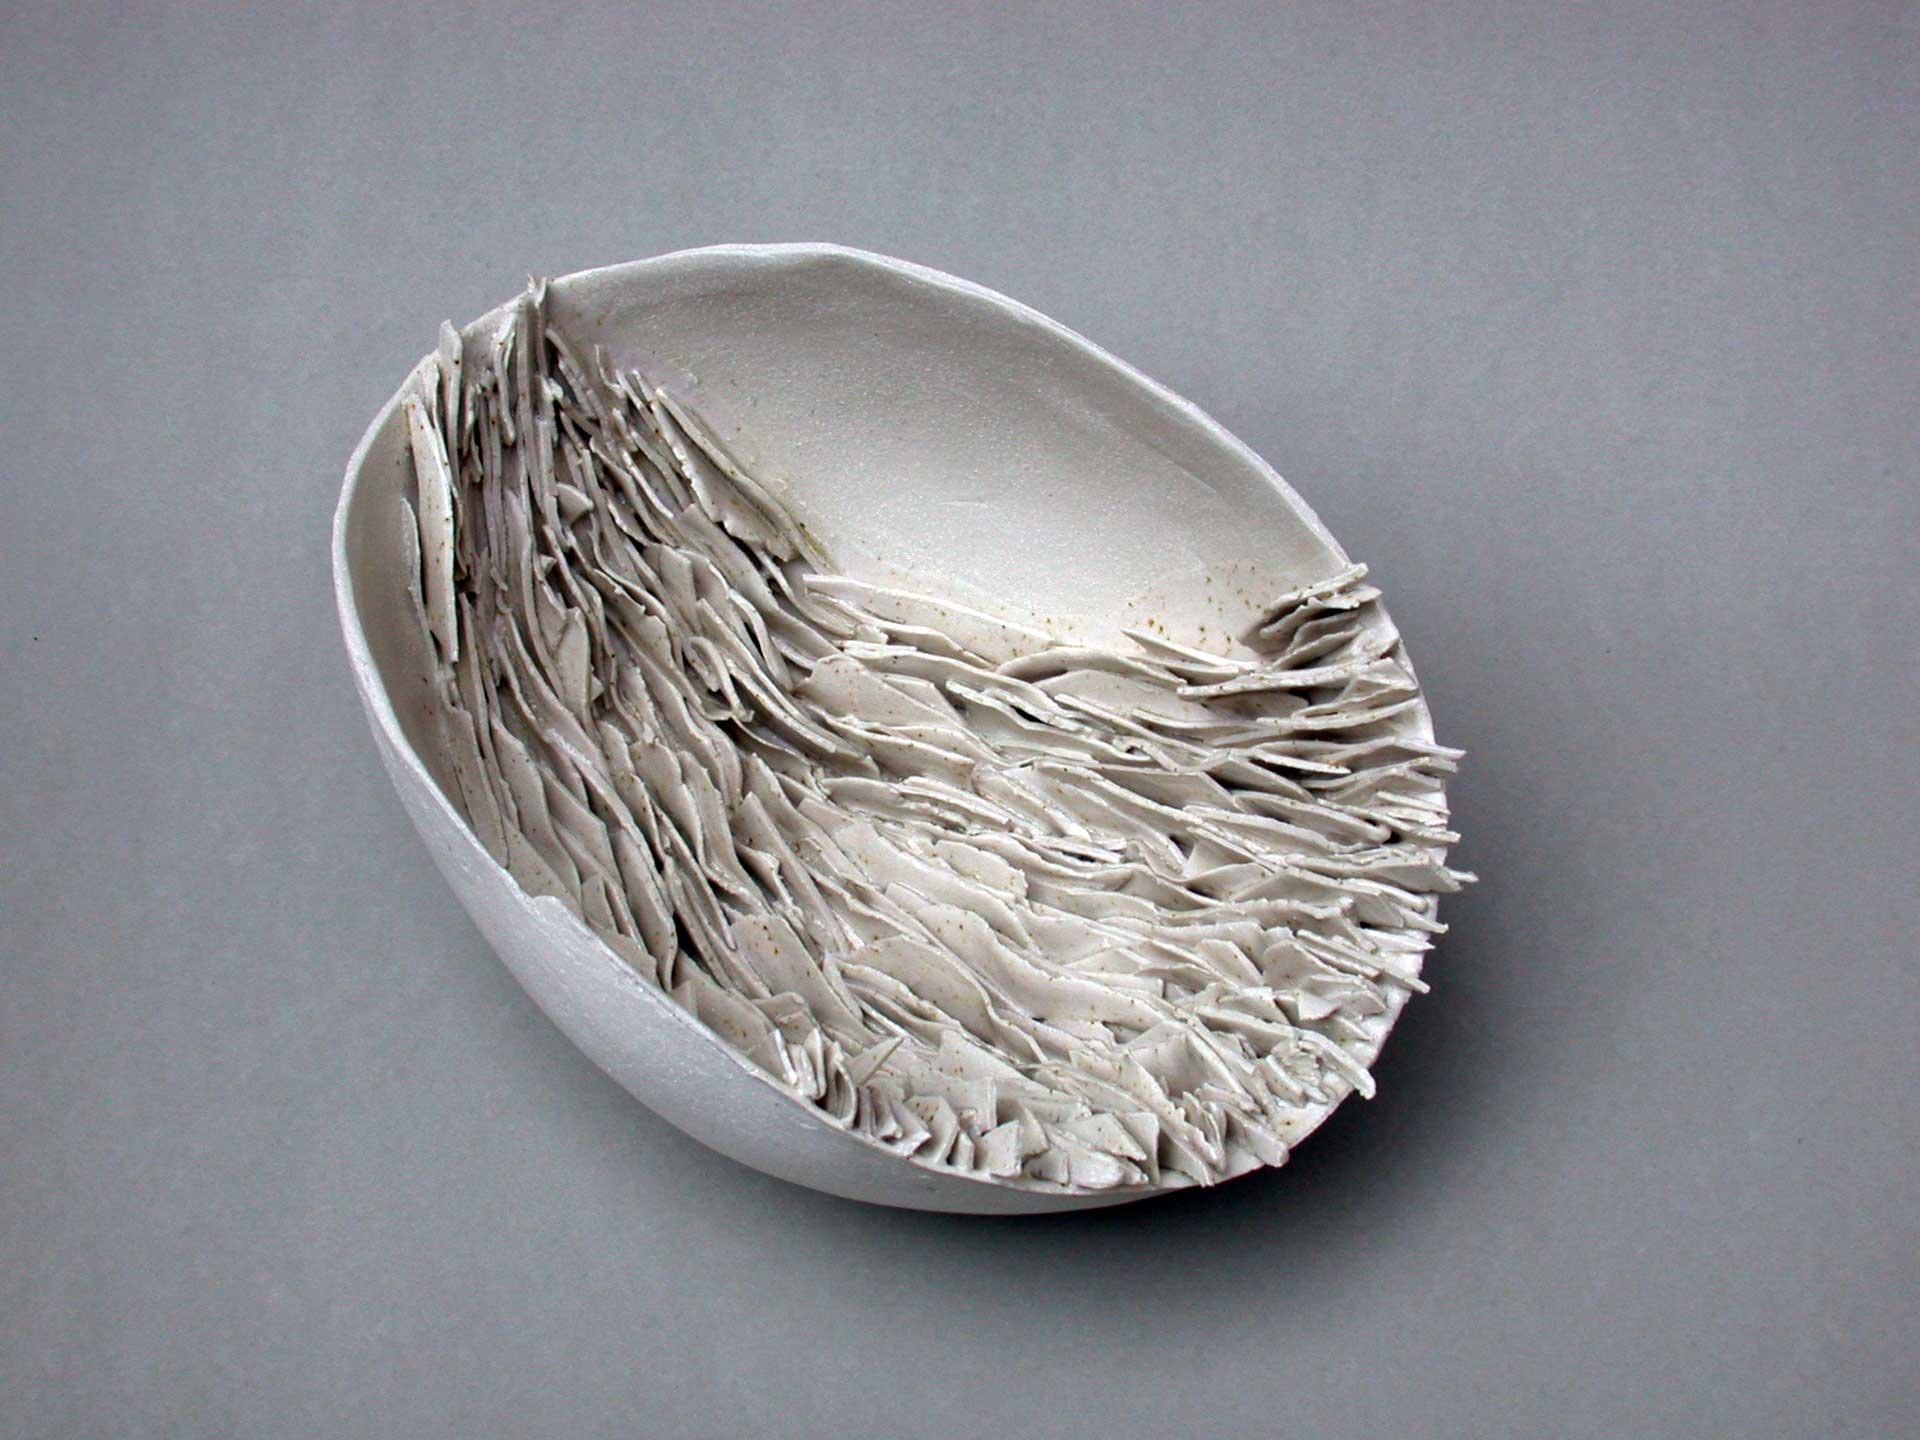 porcellana, smalto alla cenere - 2004